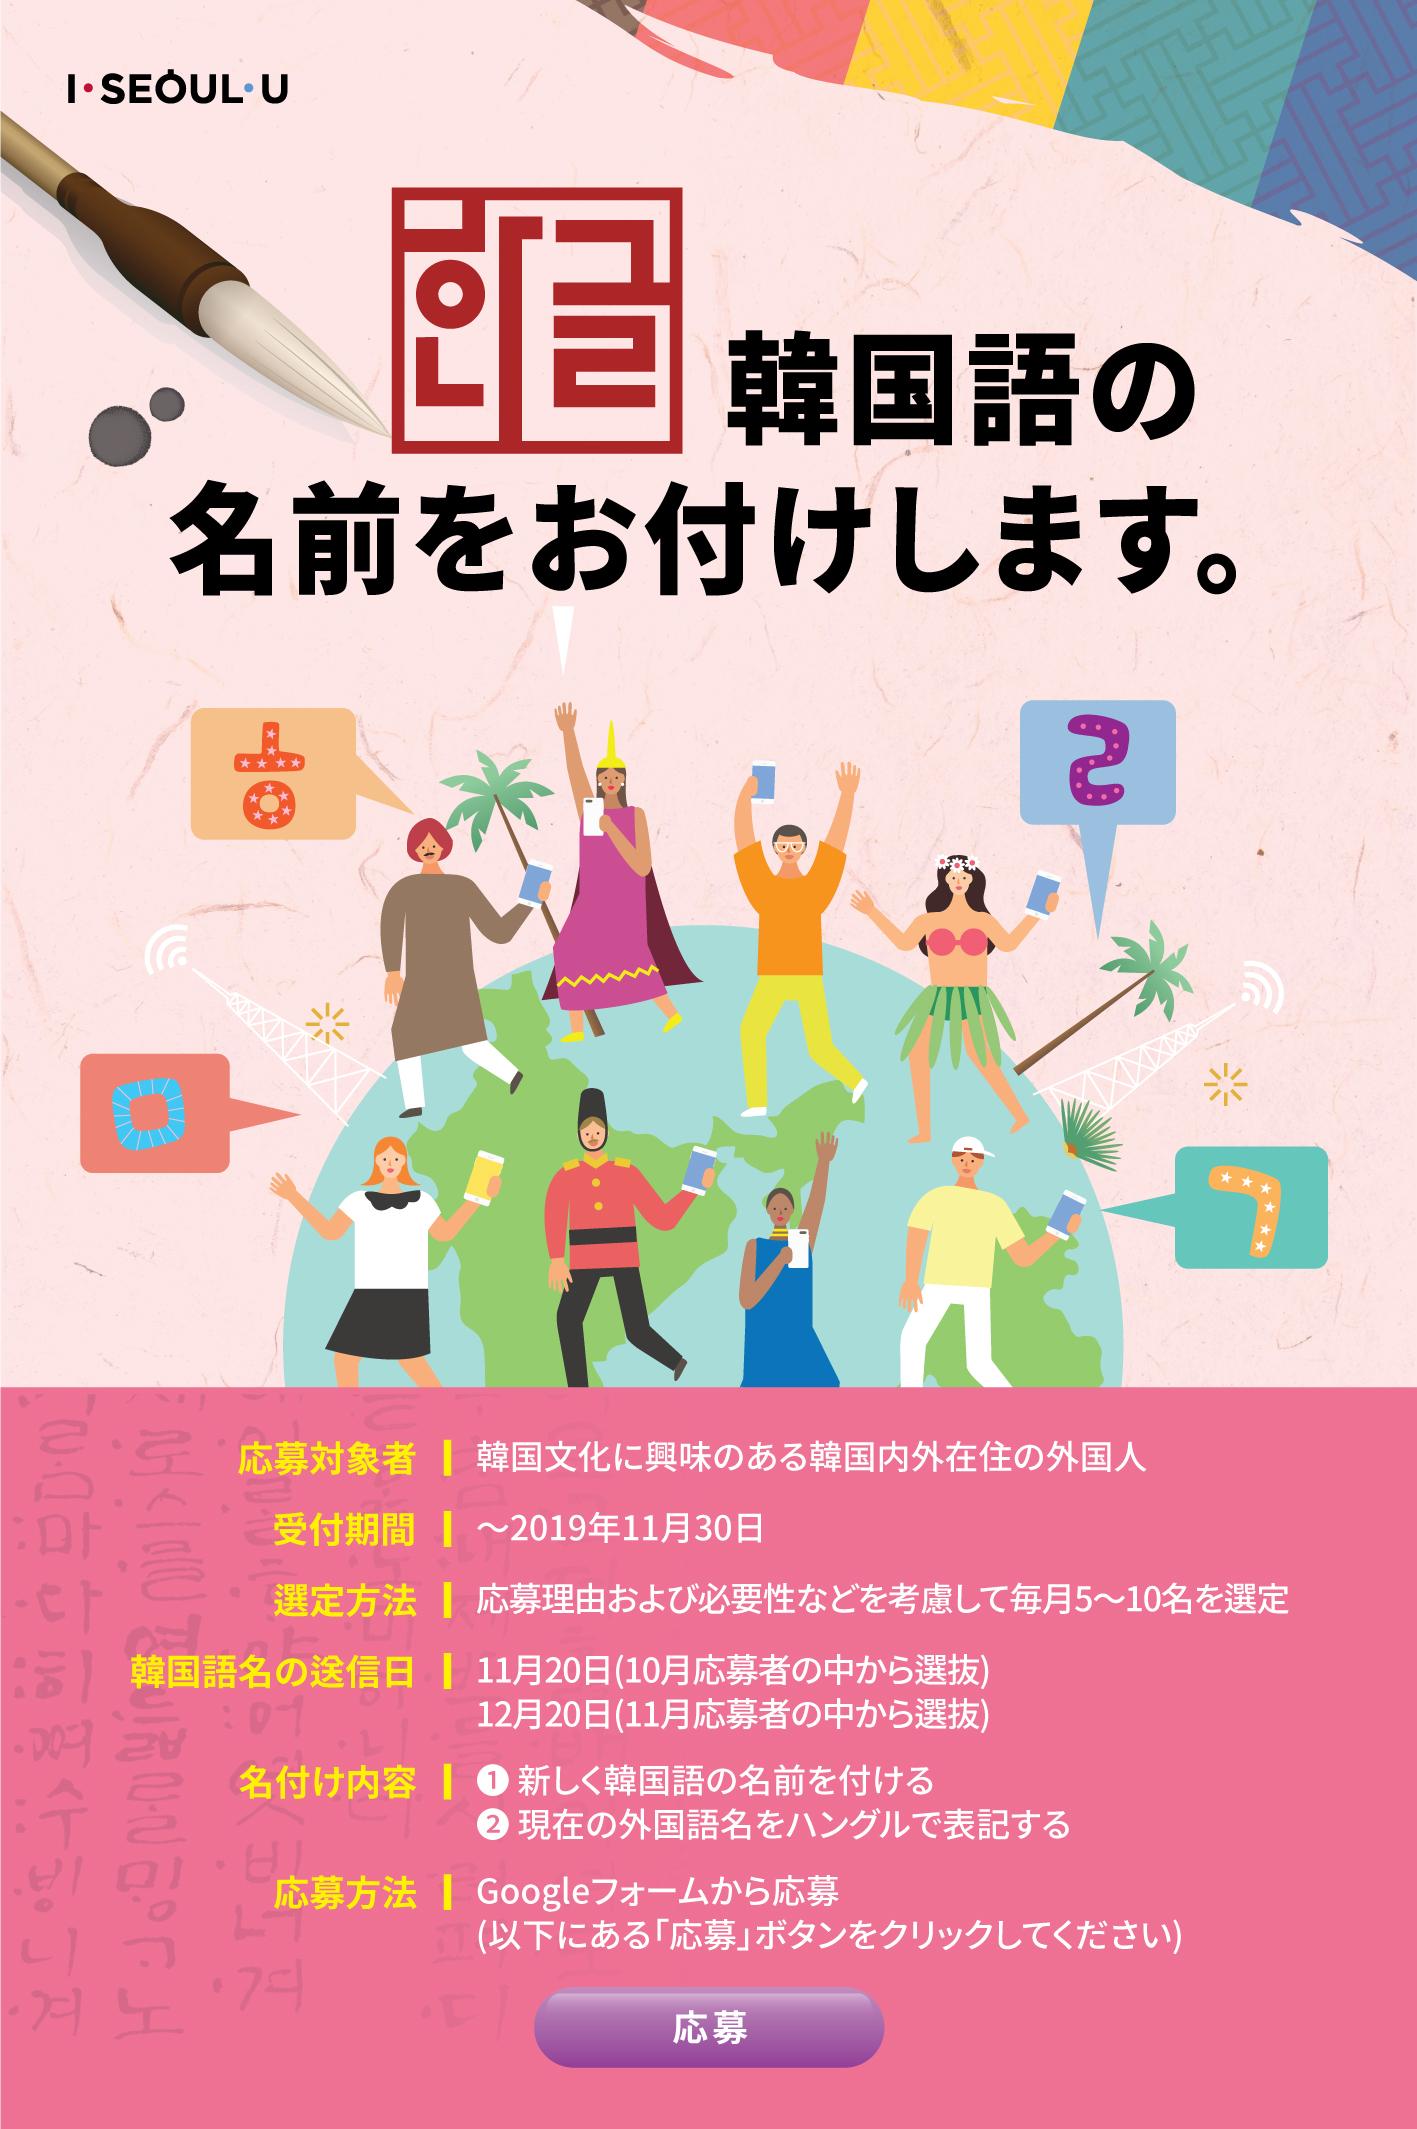 韓国語の名前をお付けします。    応募対象者:韓国文化に興味のある韓国内外在住の外国人   応募方法:オンラインから応募 - ソウル市公式外国語ホームページ(english@seoul.go.kr)宛にメールで応募    選定方法:応募理由および必要性などを考慮して毎月5~10名を選定   名付け内容:① 新しく韓国語の名前を付ける ② 現在の外国語名をハングルで表記する